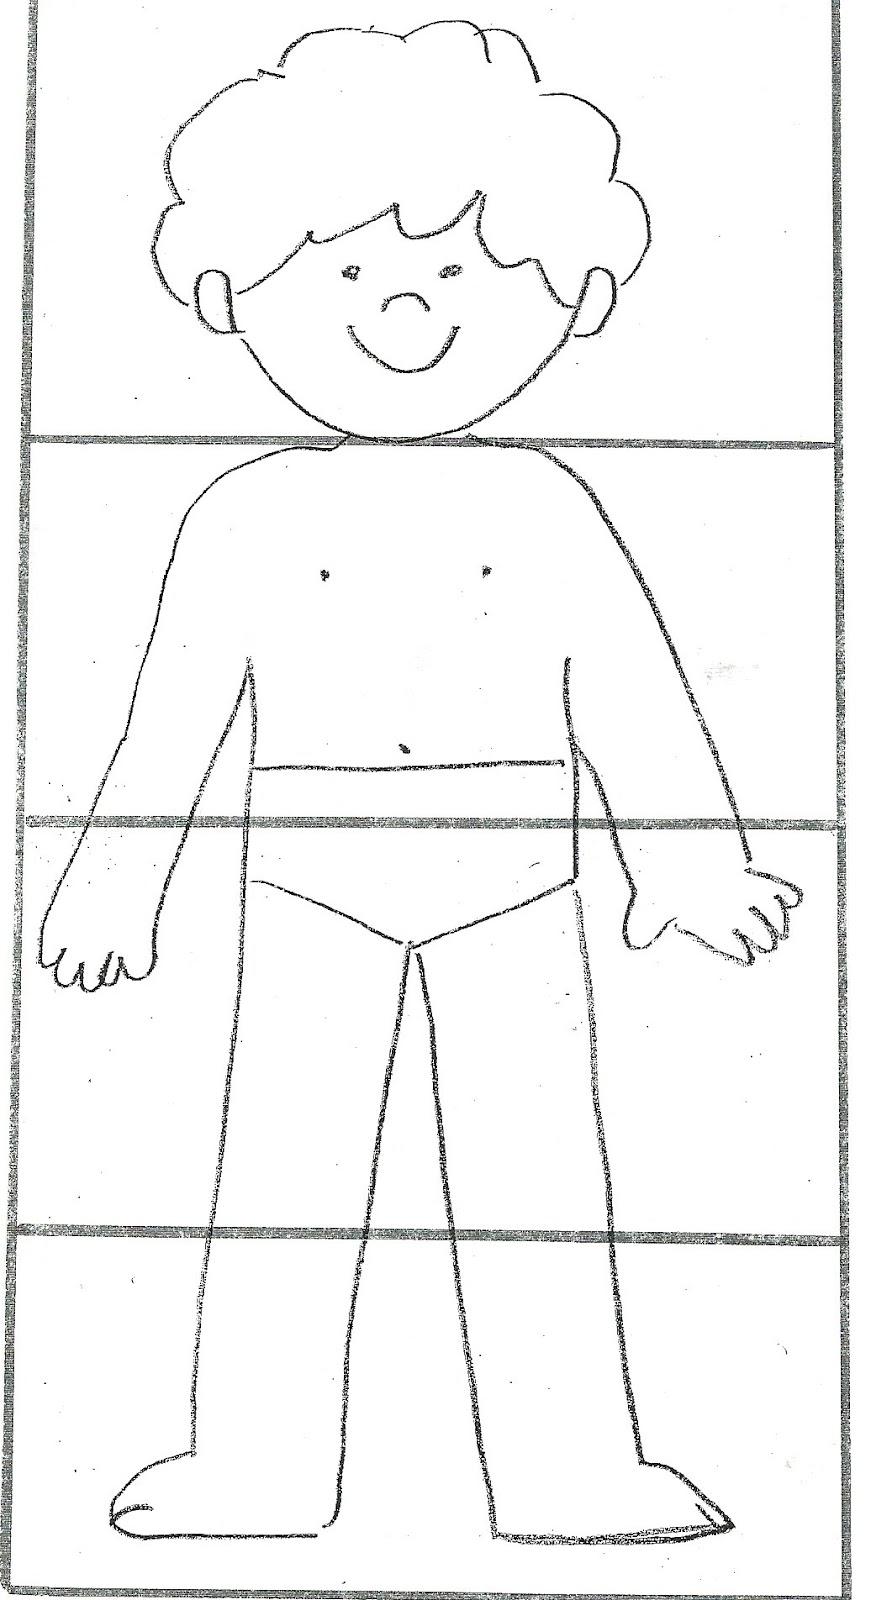 Rompecabezas para armar del cuerpo humano - Imagui